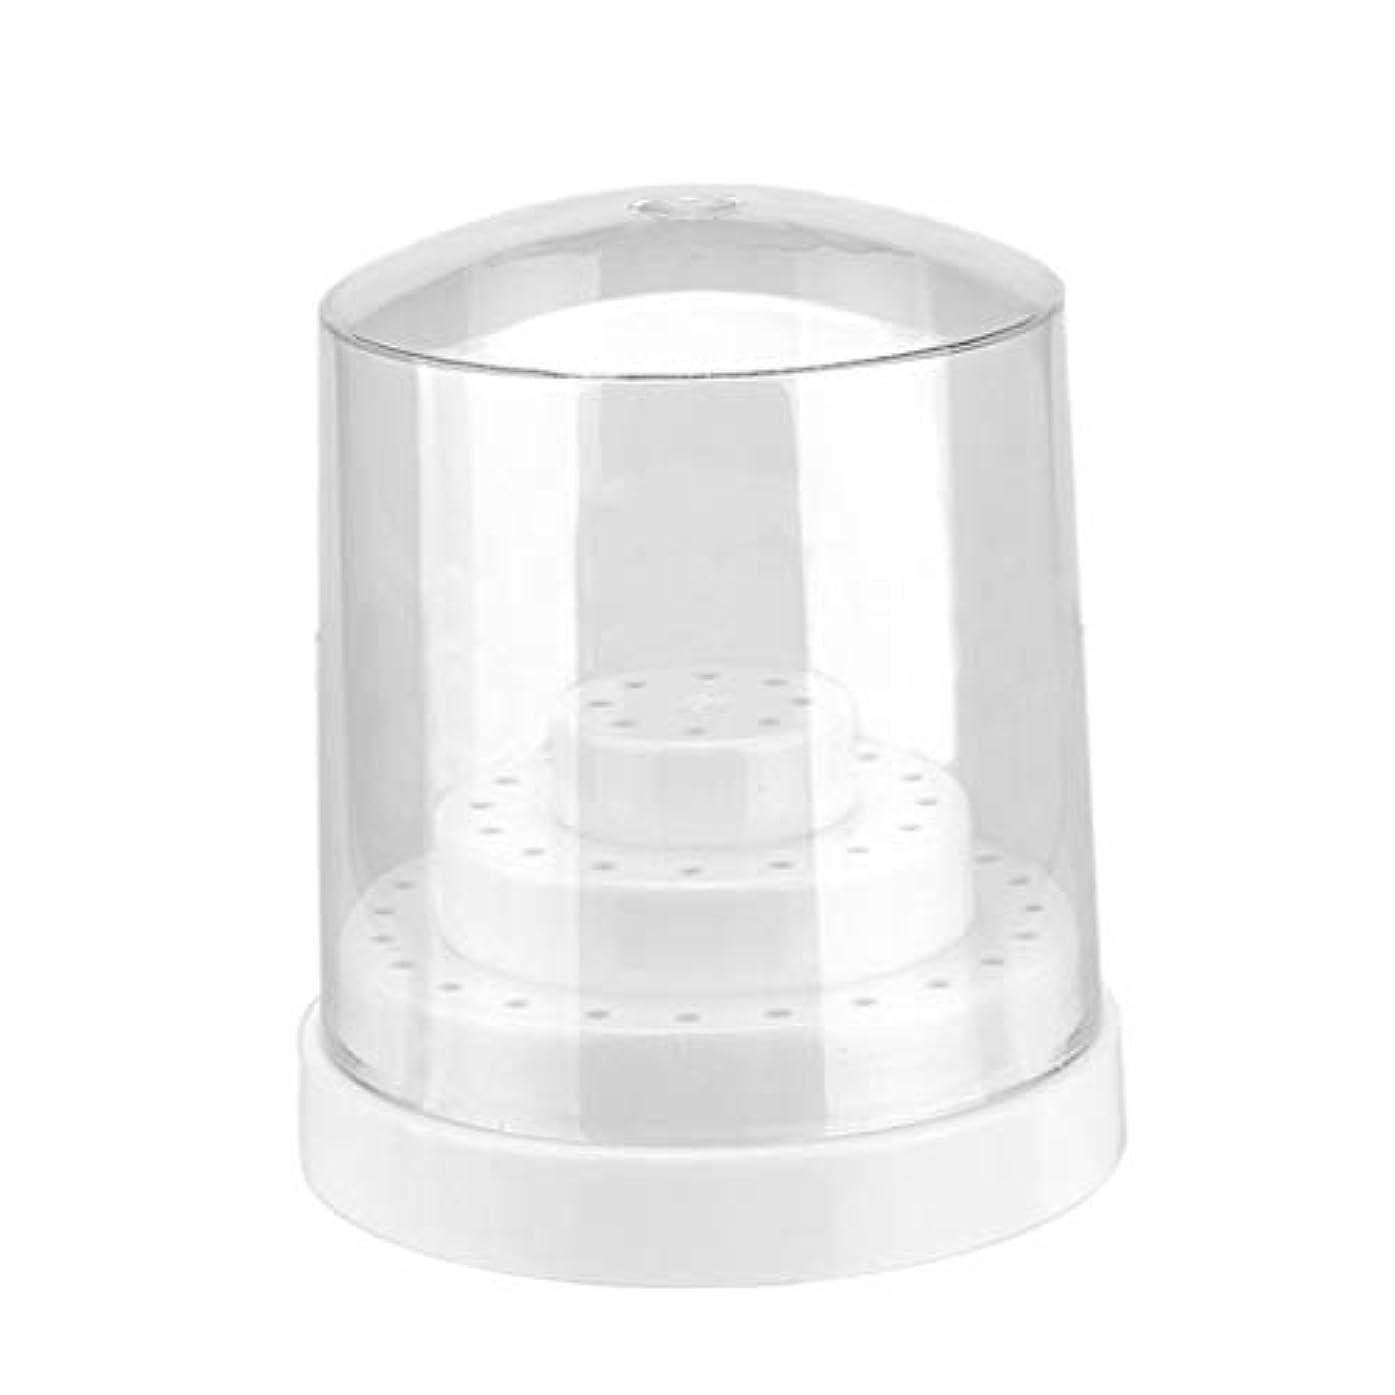 優遇生産的表向きネイルドリルビット ネイルファイル 収納ケース オーガナイザー スタンド プラスチック